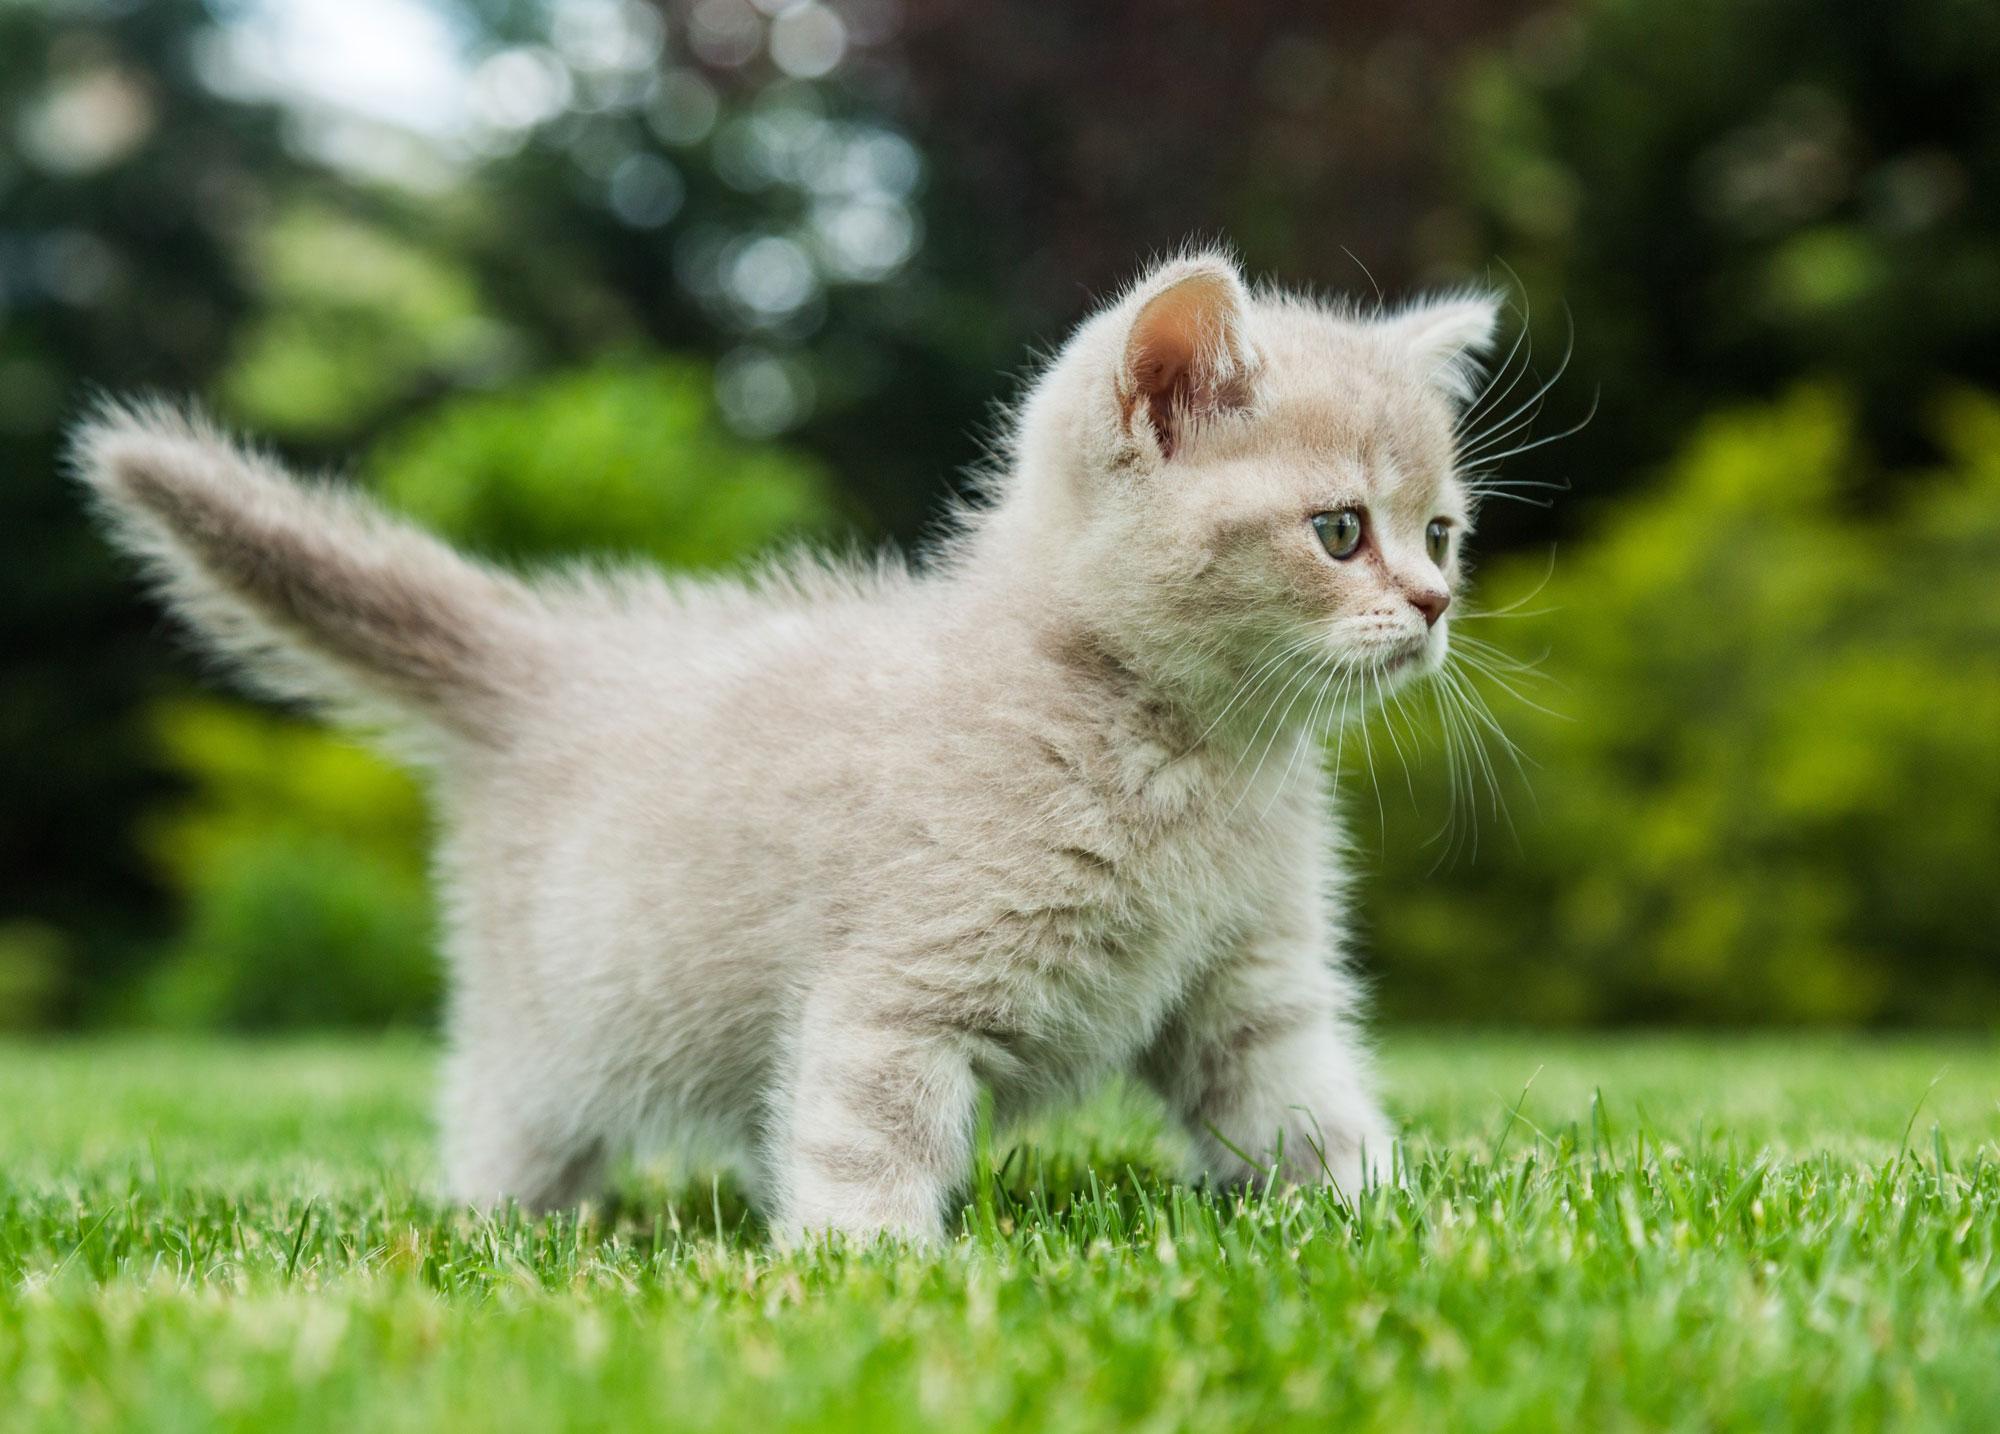 katzen wohnungshaltung oder freig nger tiermagazin